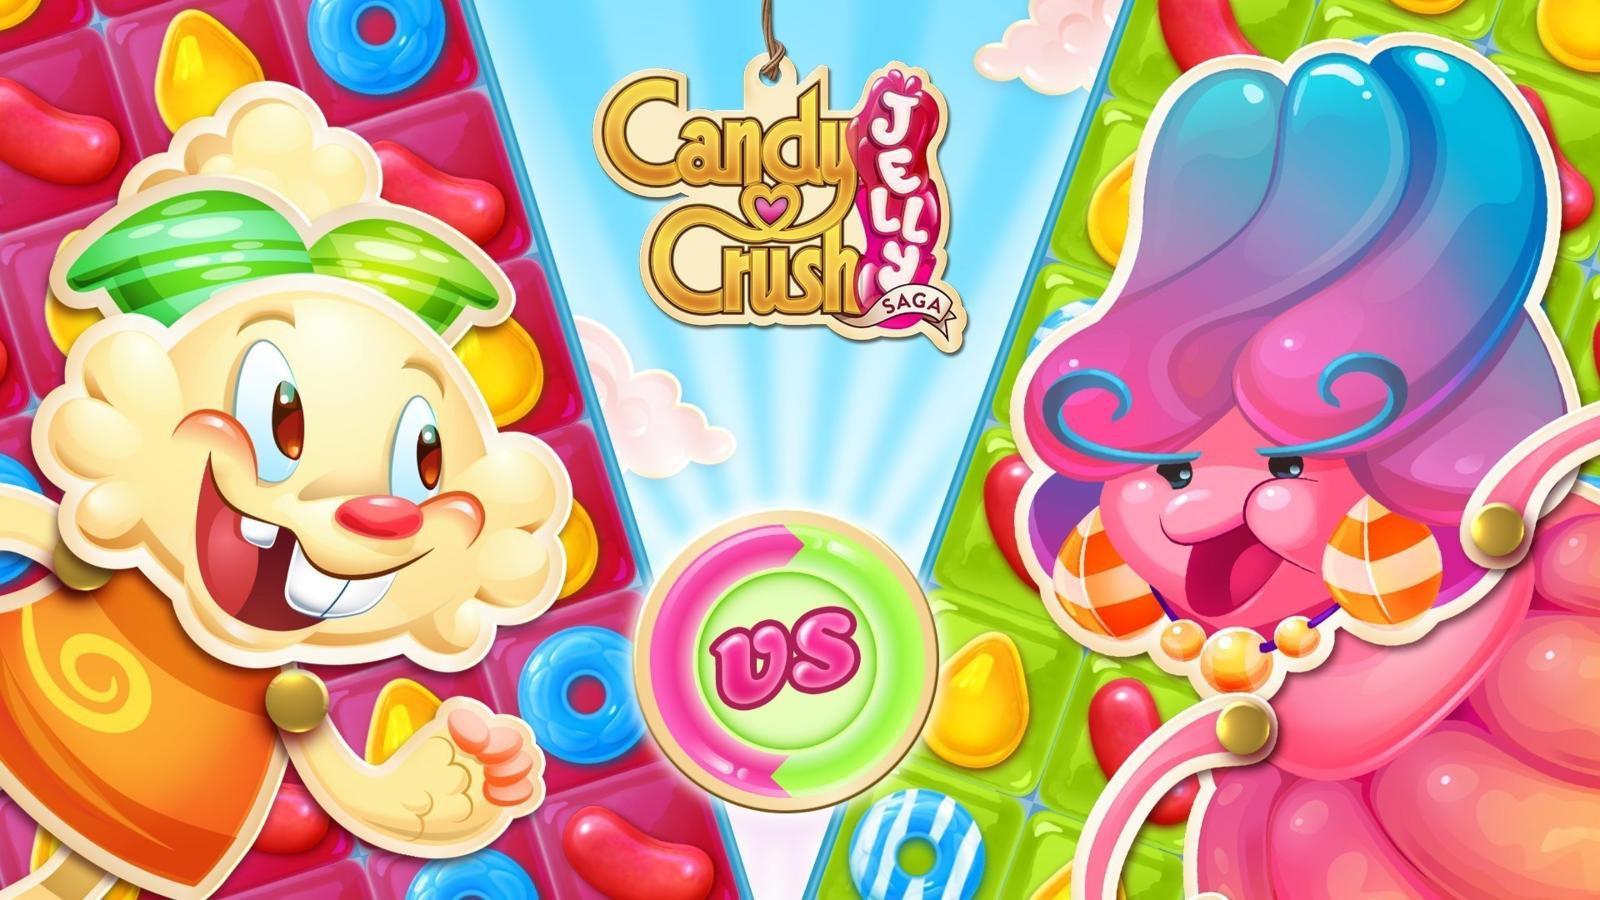 Clash Royale, Candy Crush Ces Jeux Vidéo Gratuits Qui à Jeu De Puissance 4 Gratuit En Ligne